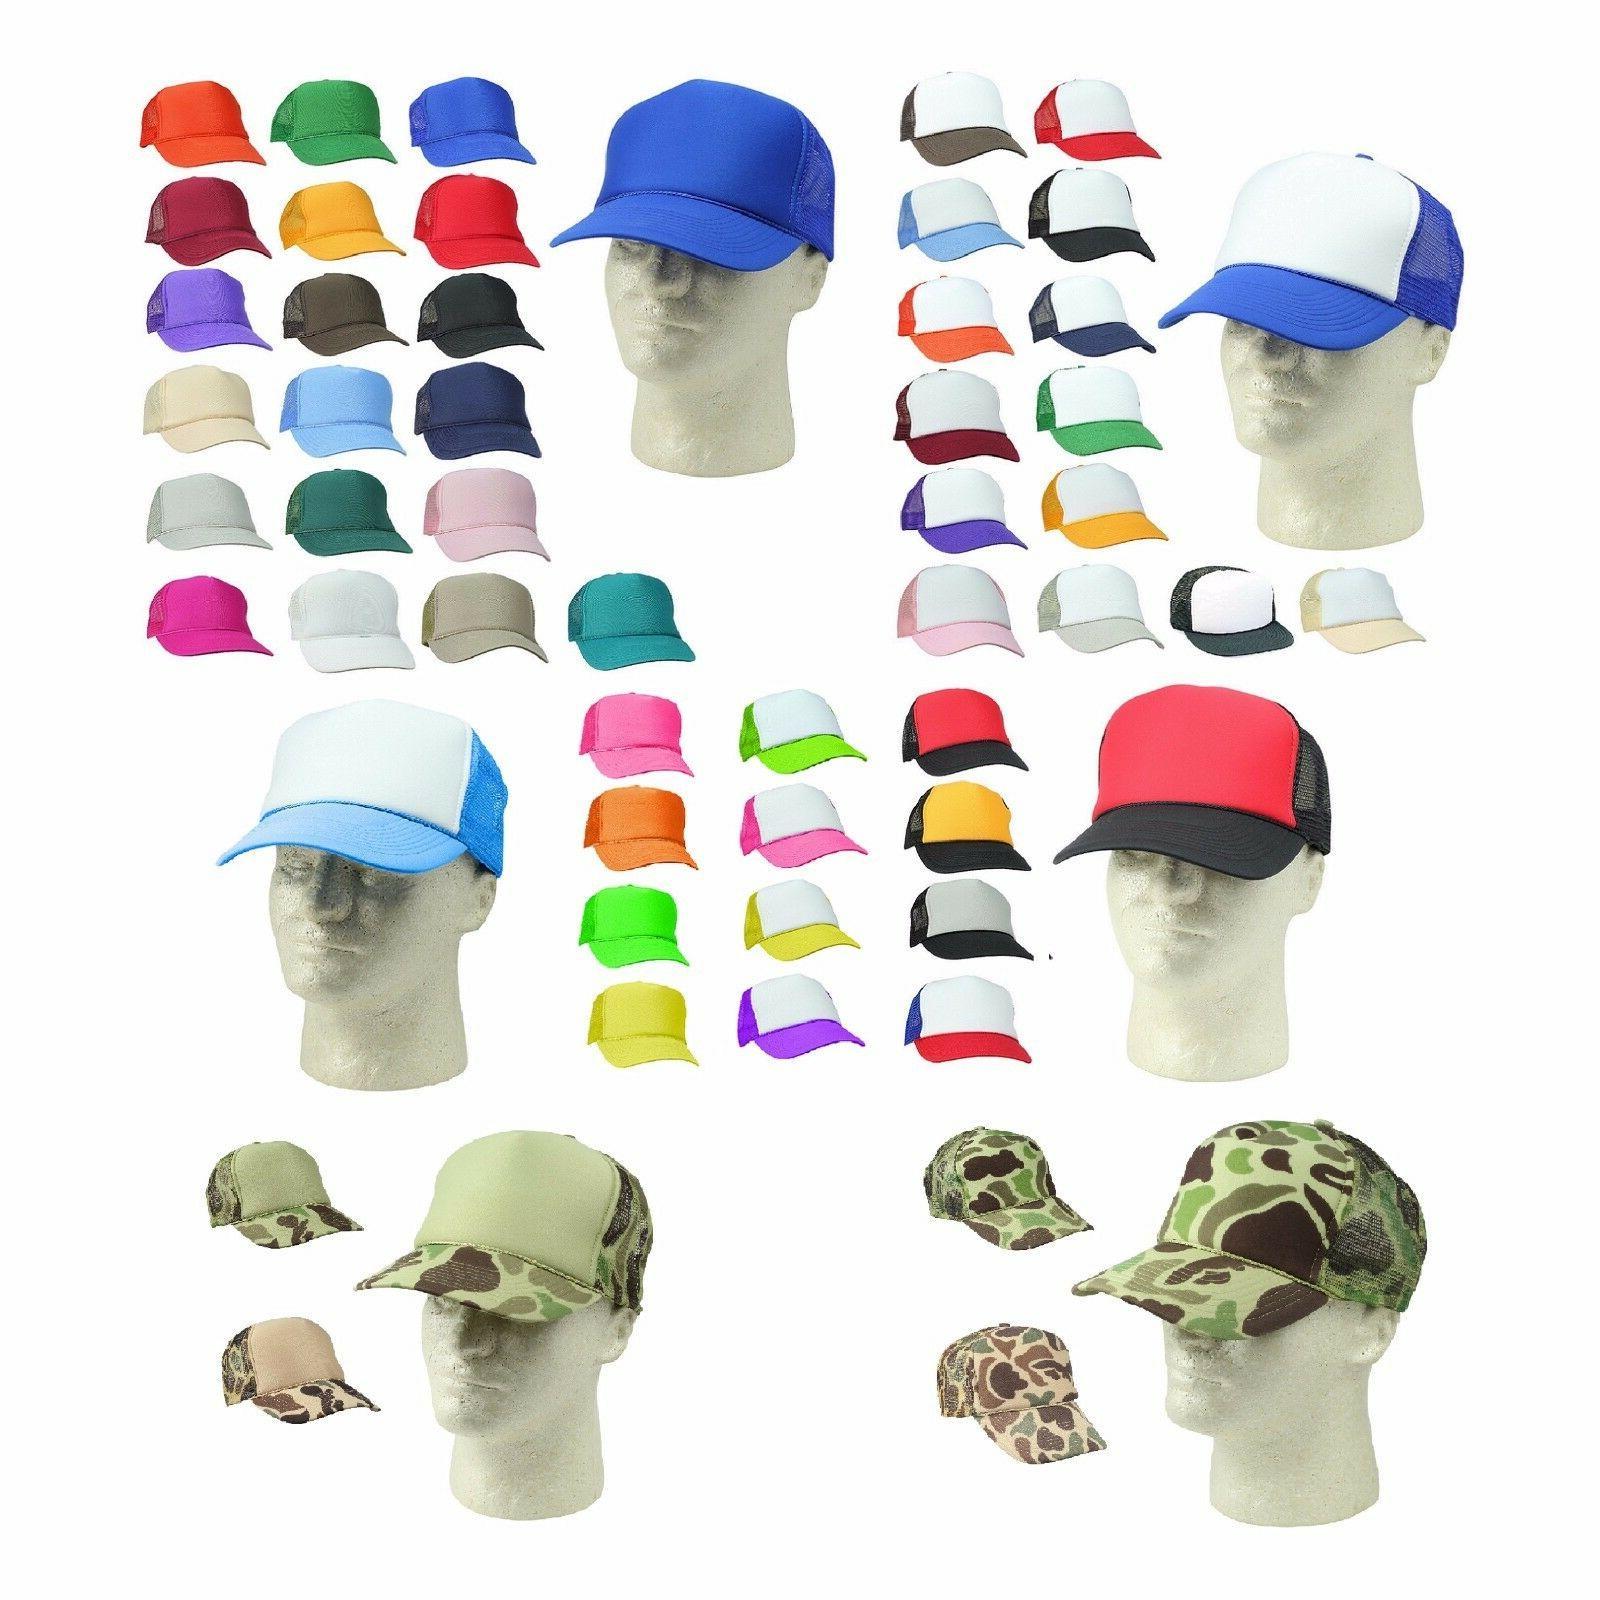 6 pack half dozen trucker hat baseball